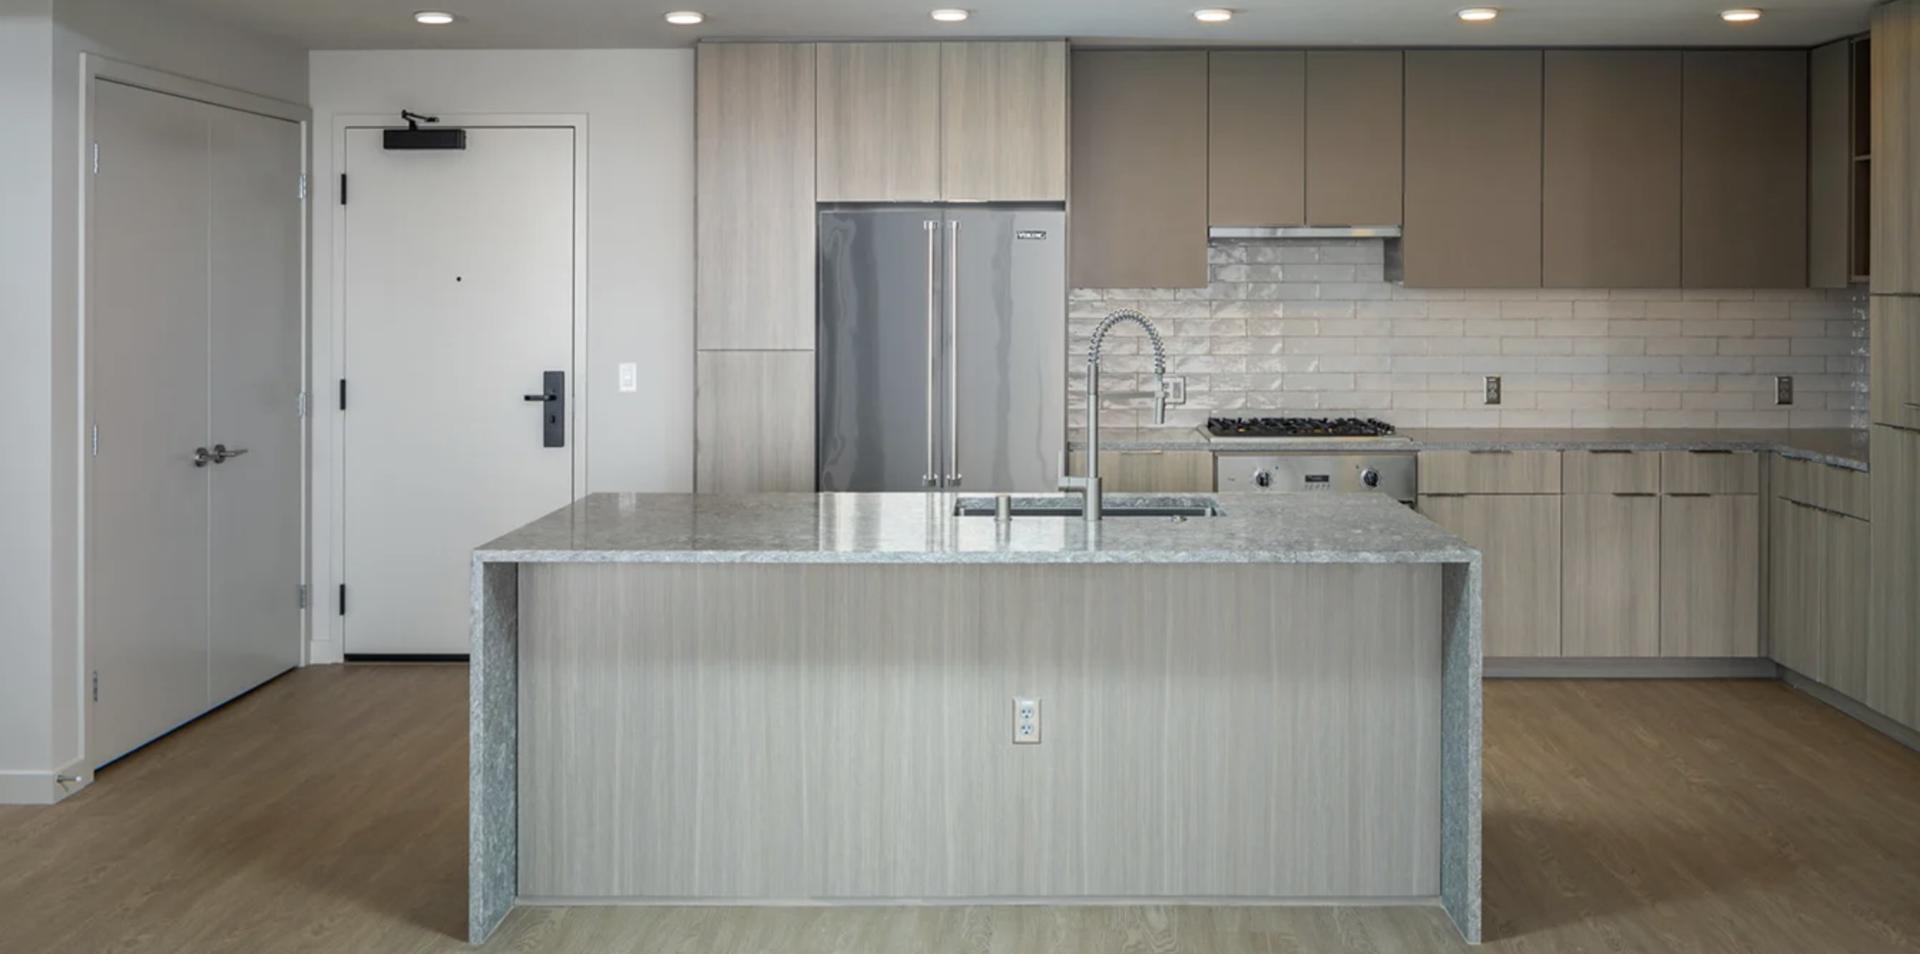 601 11th Avenue #1005, San Diego, CA - $4,885 USD/ month